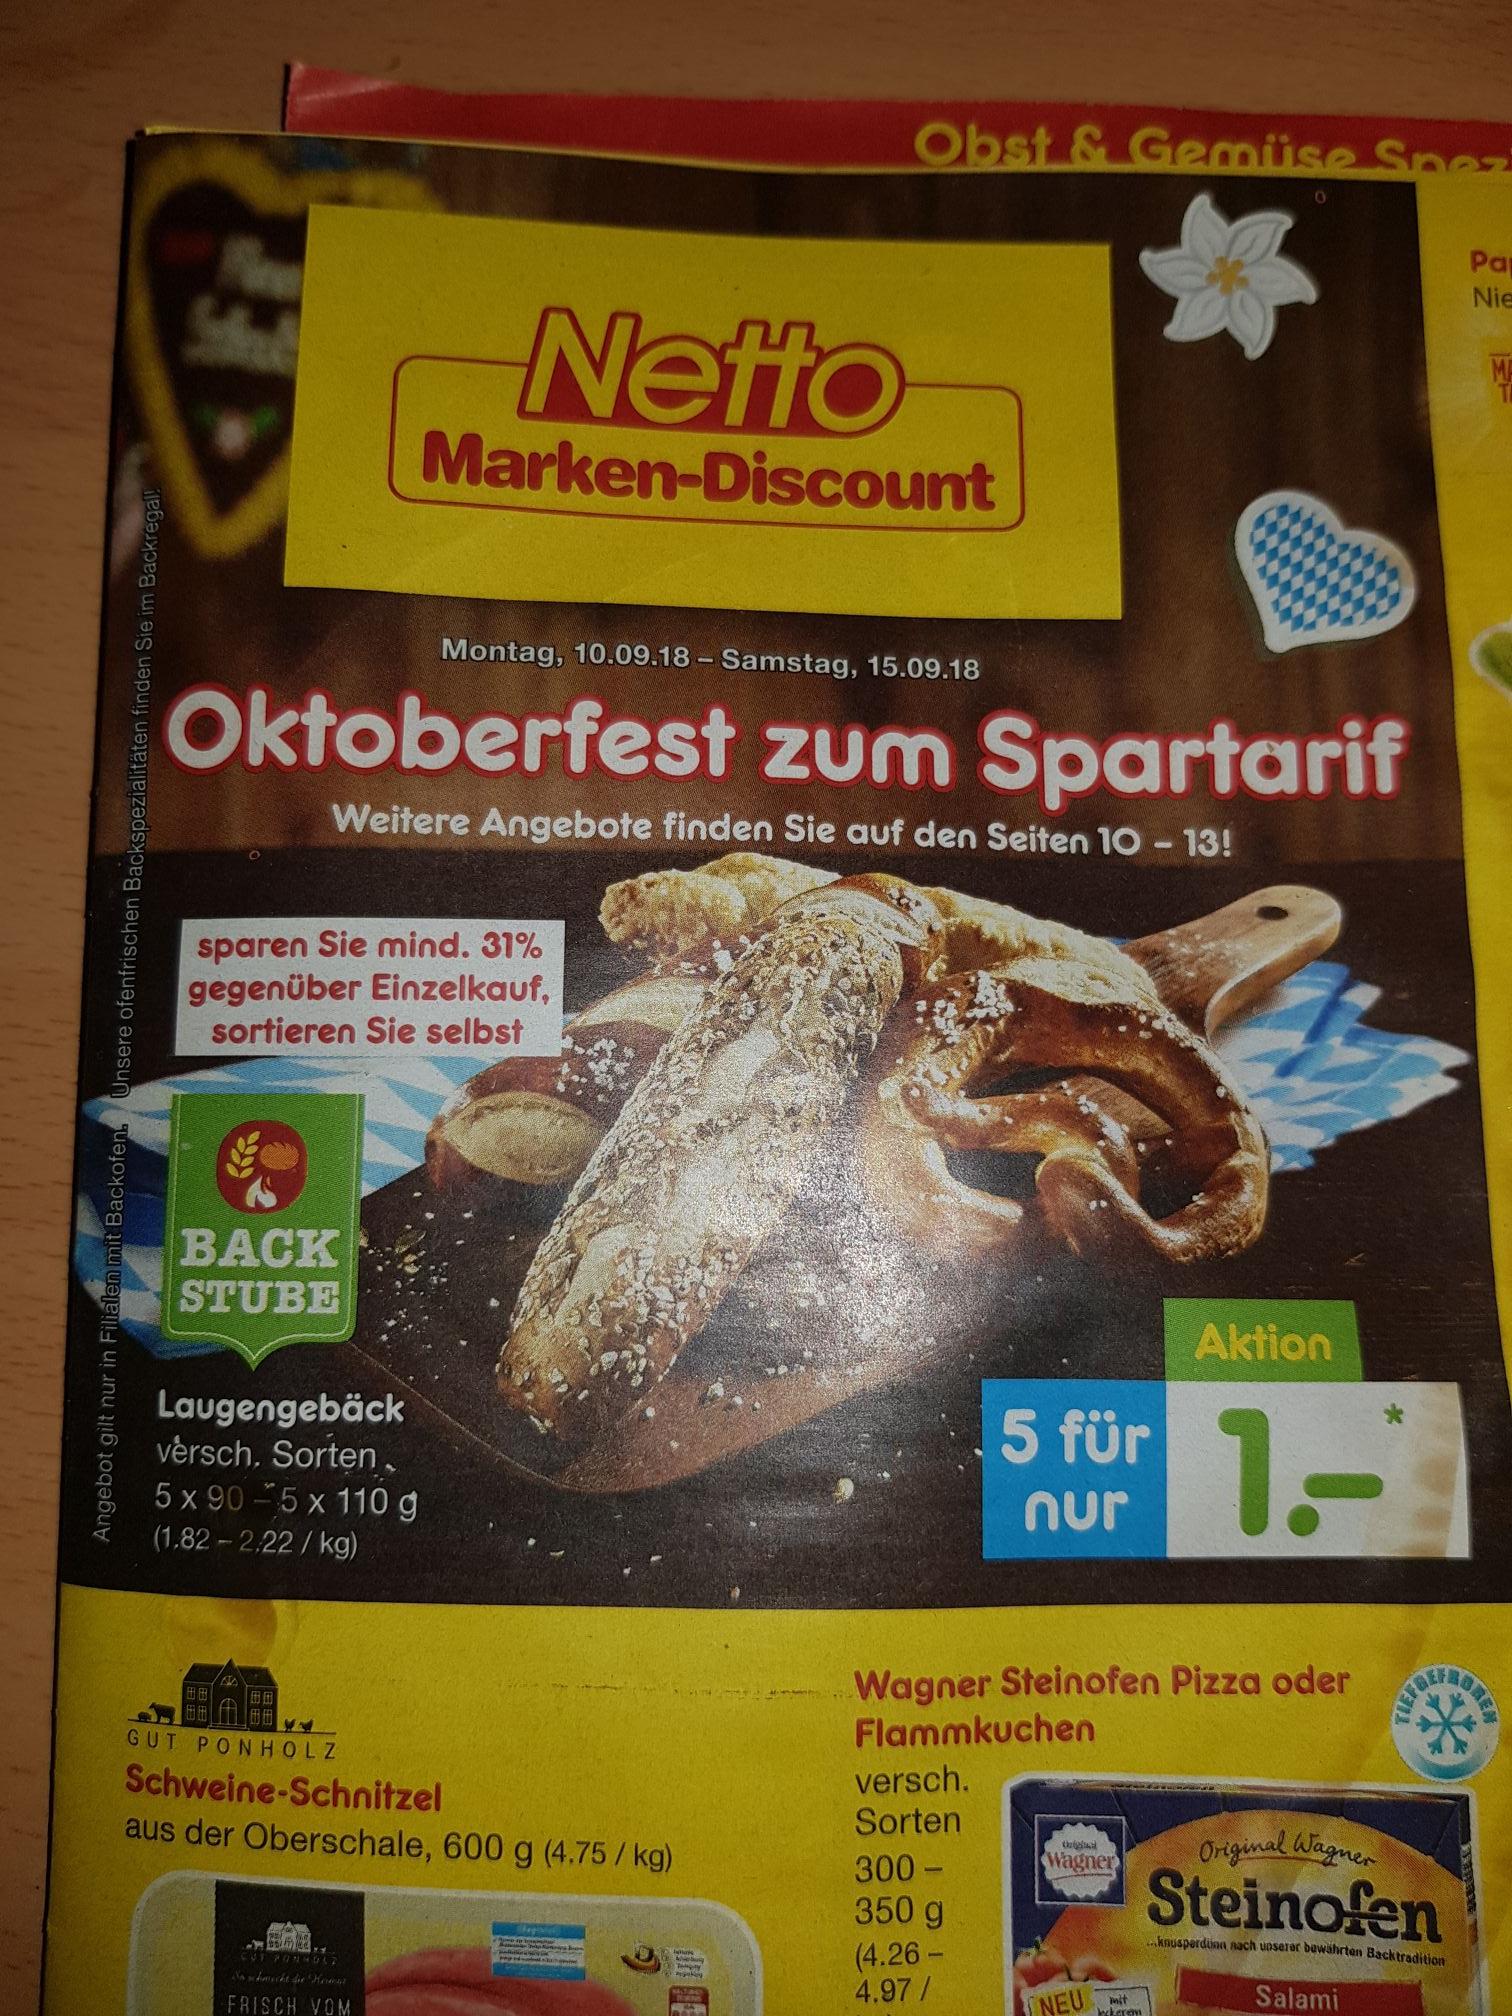 [Netto MD ab 10.09.] 5 Käselaugenstangen für 1€ (20 Cent pro Stange)